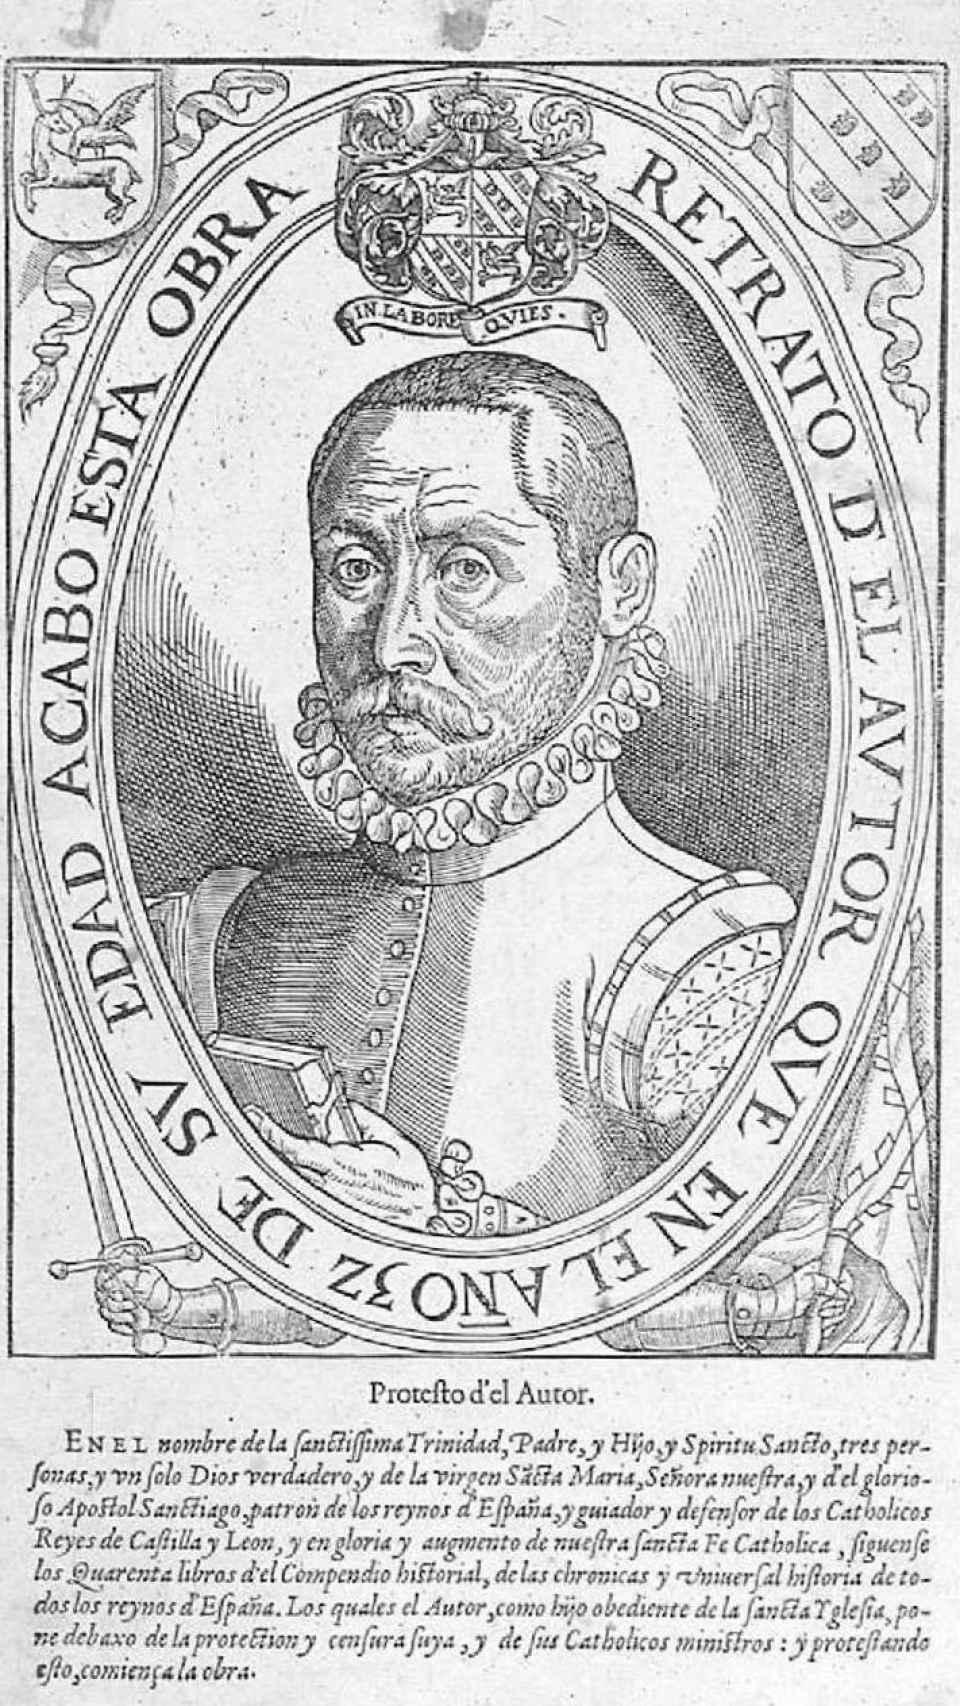 Esteban de Garibay y Zamalloa.